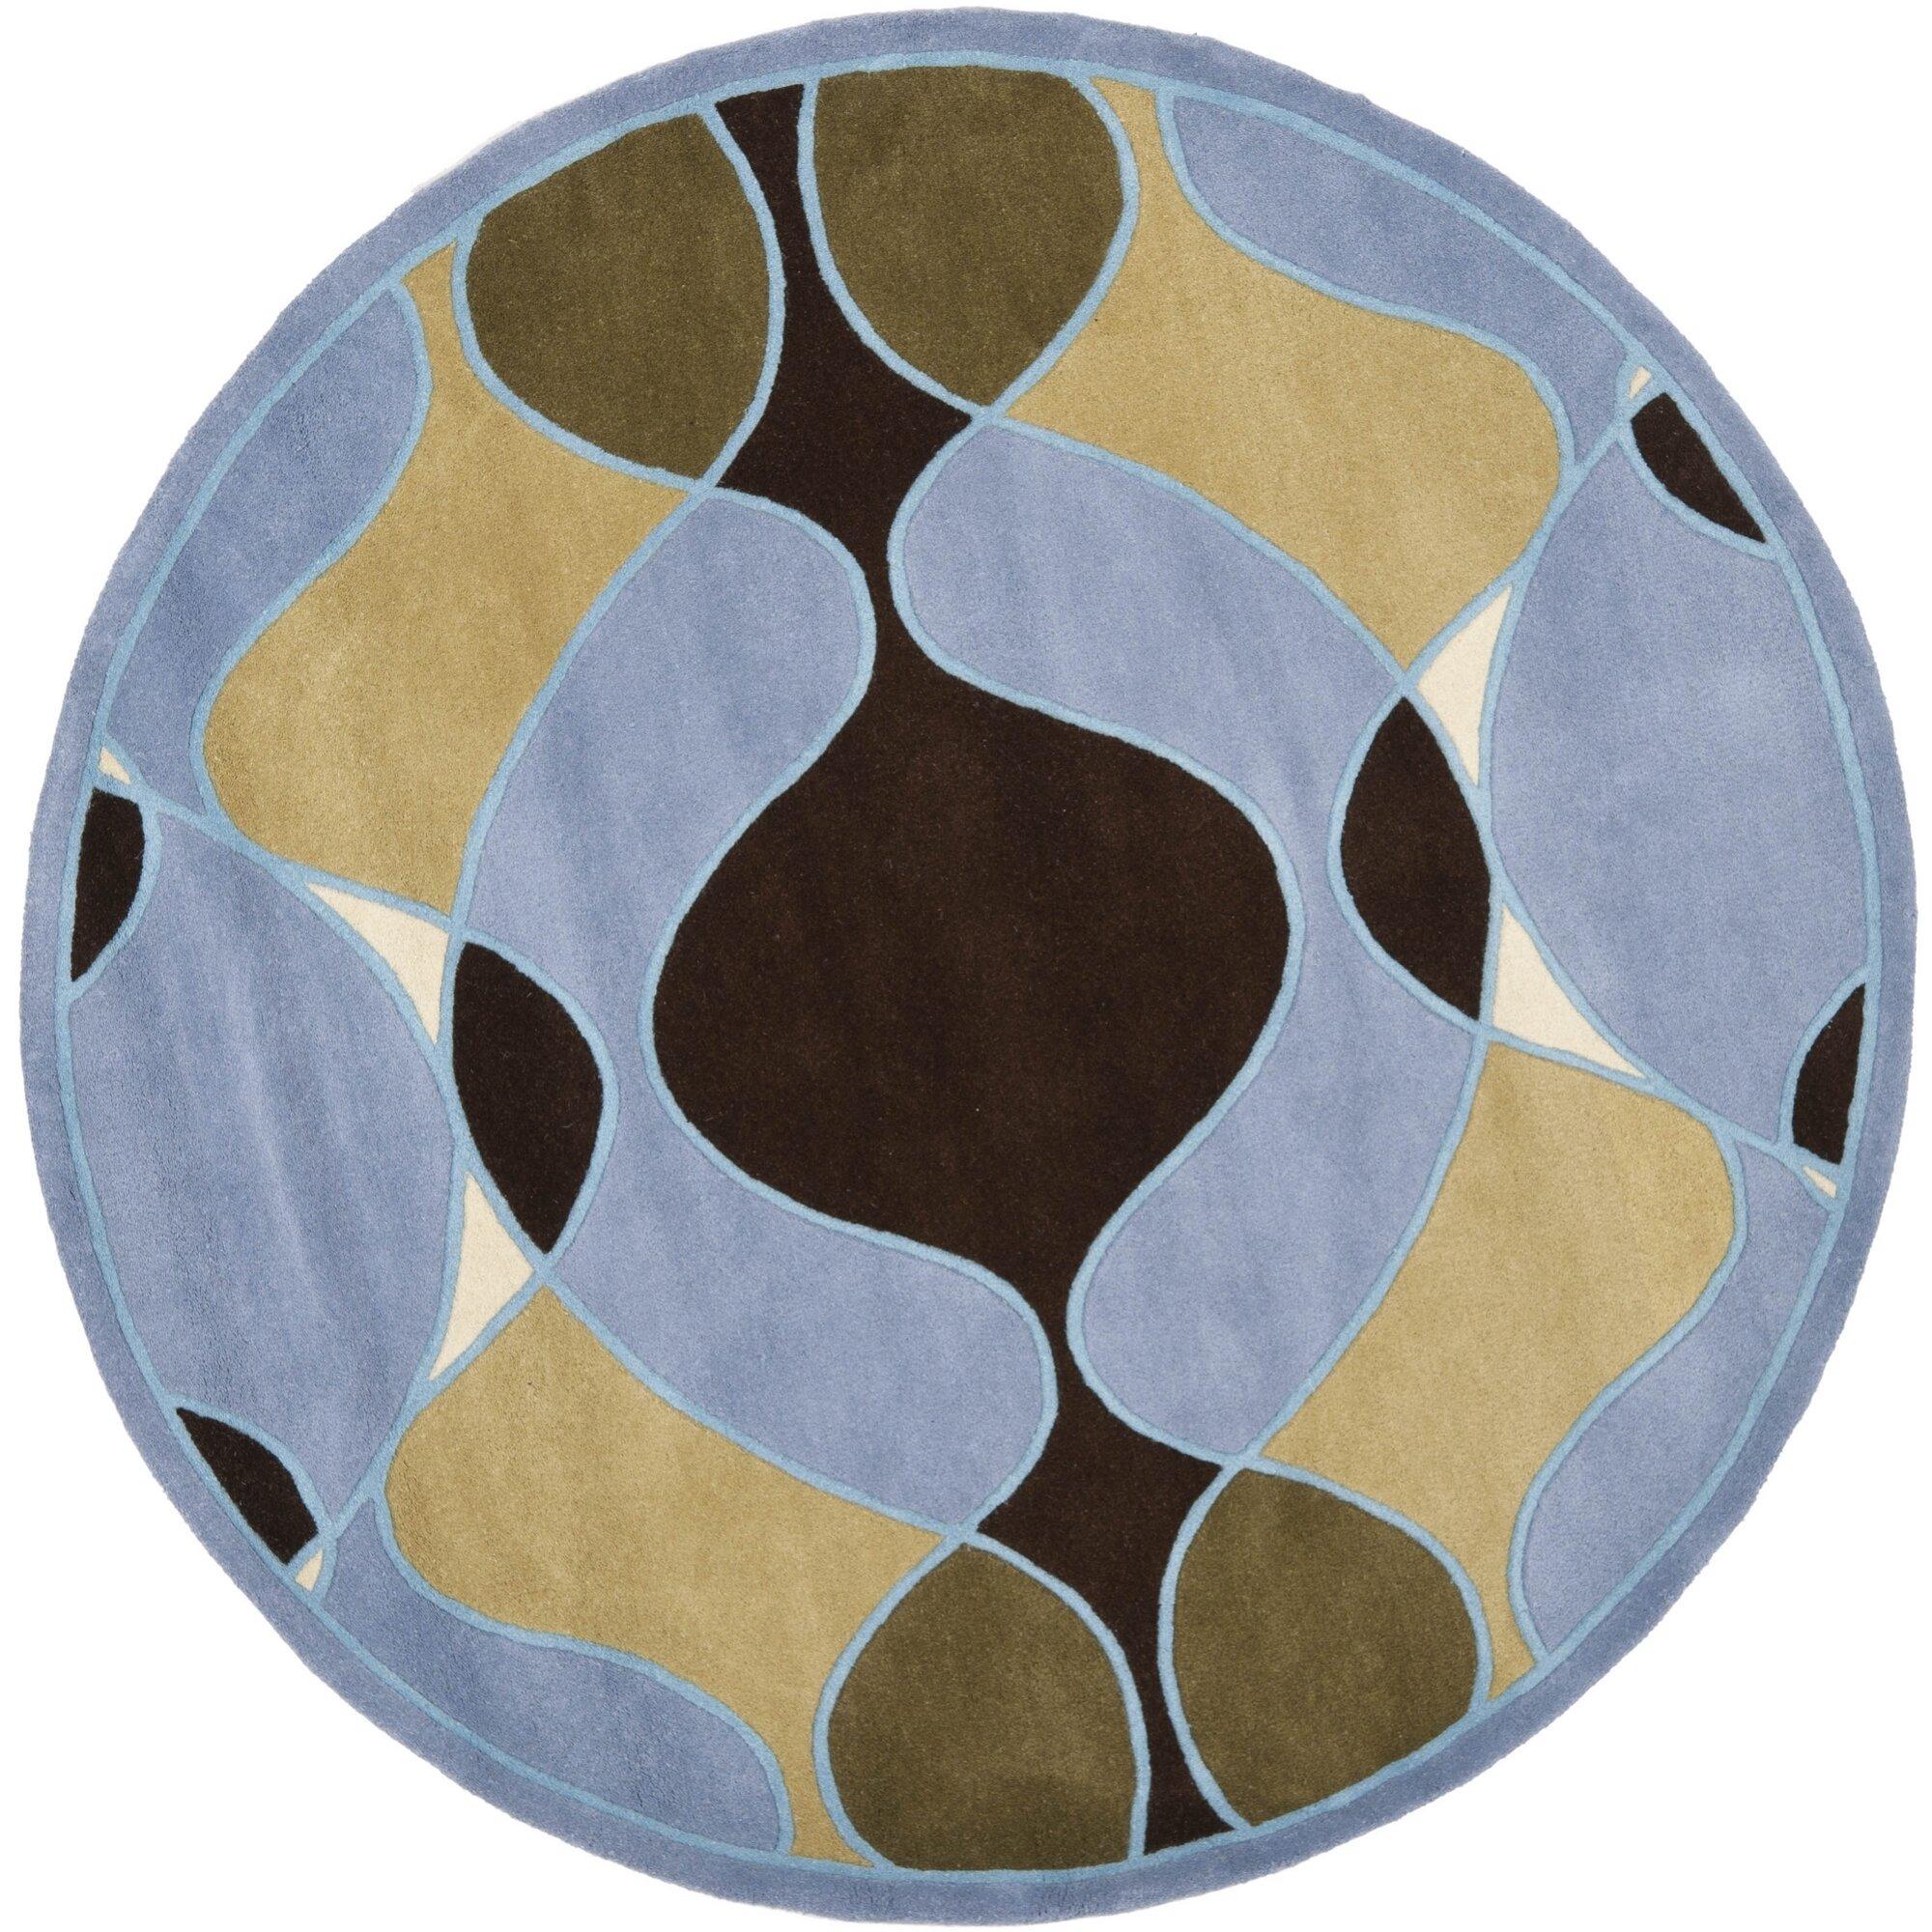 Safavieh Soho Blue Swirl Area Rug on